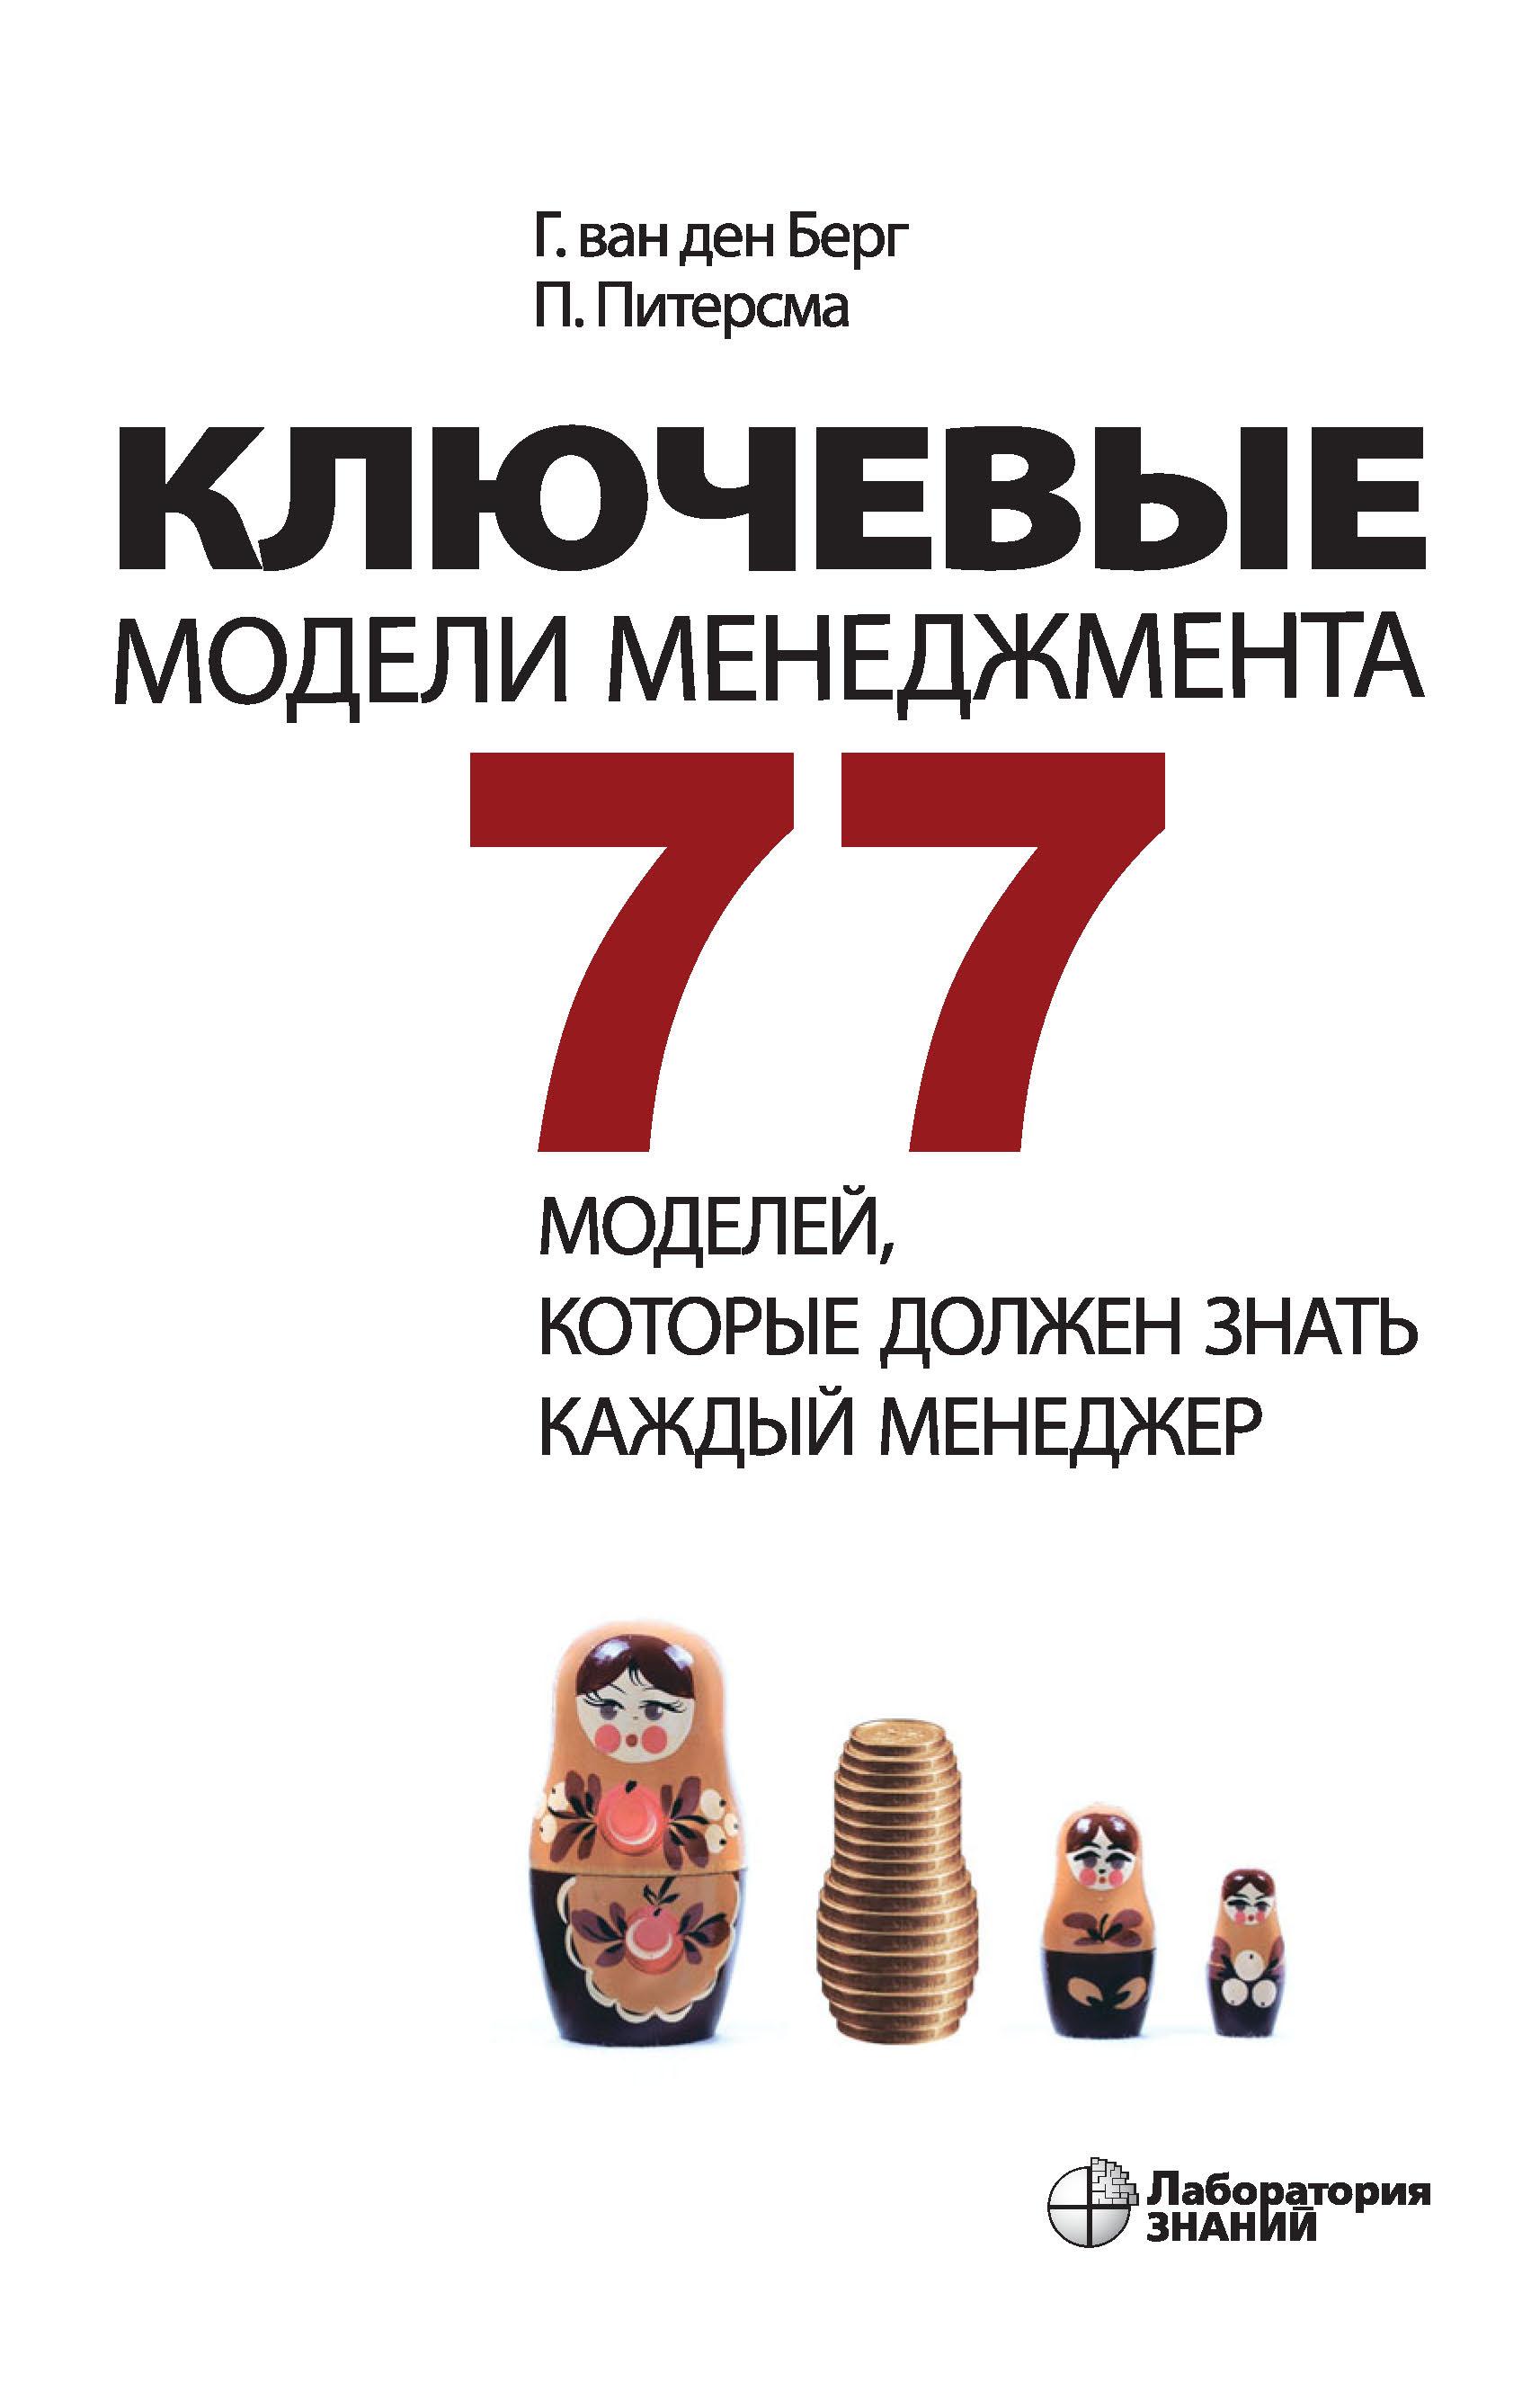 Пауль Питерсма Ключевые модели менеджмента. 77 моделей, которые должен знать каждый менеджер